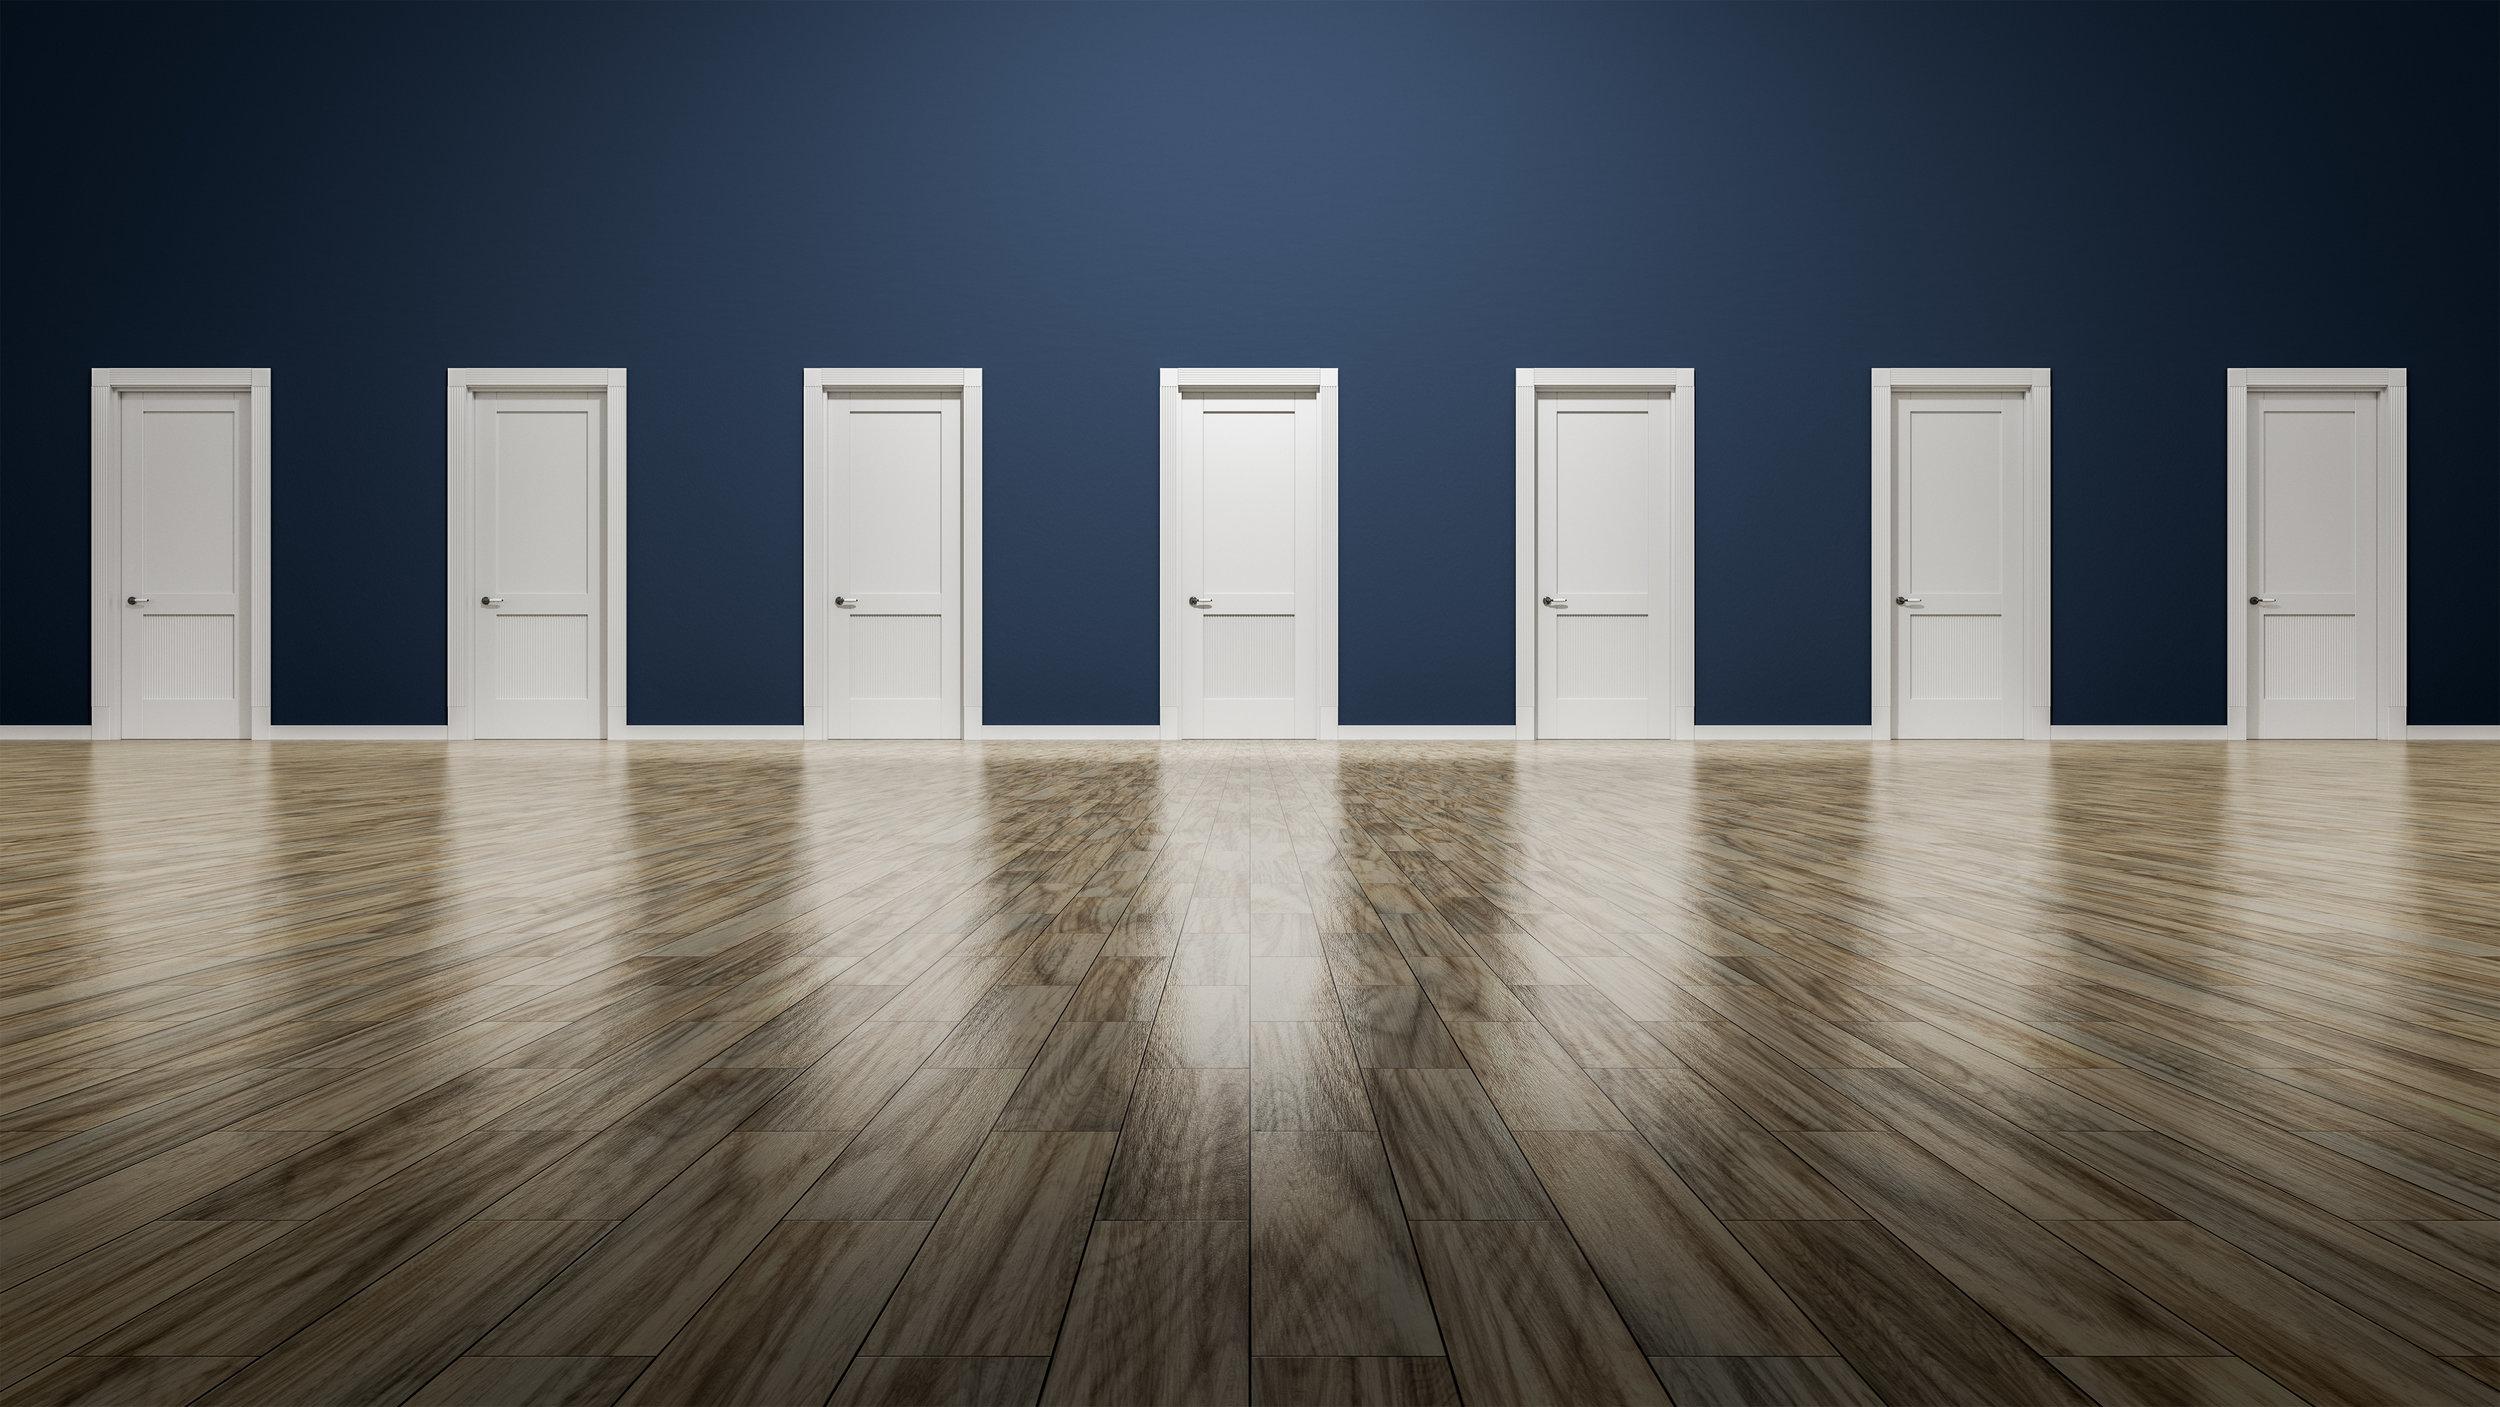 Doors - Get Started